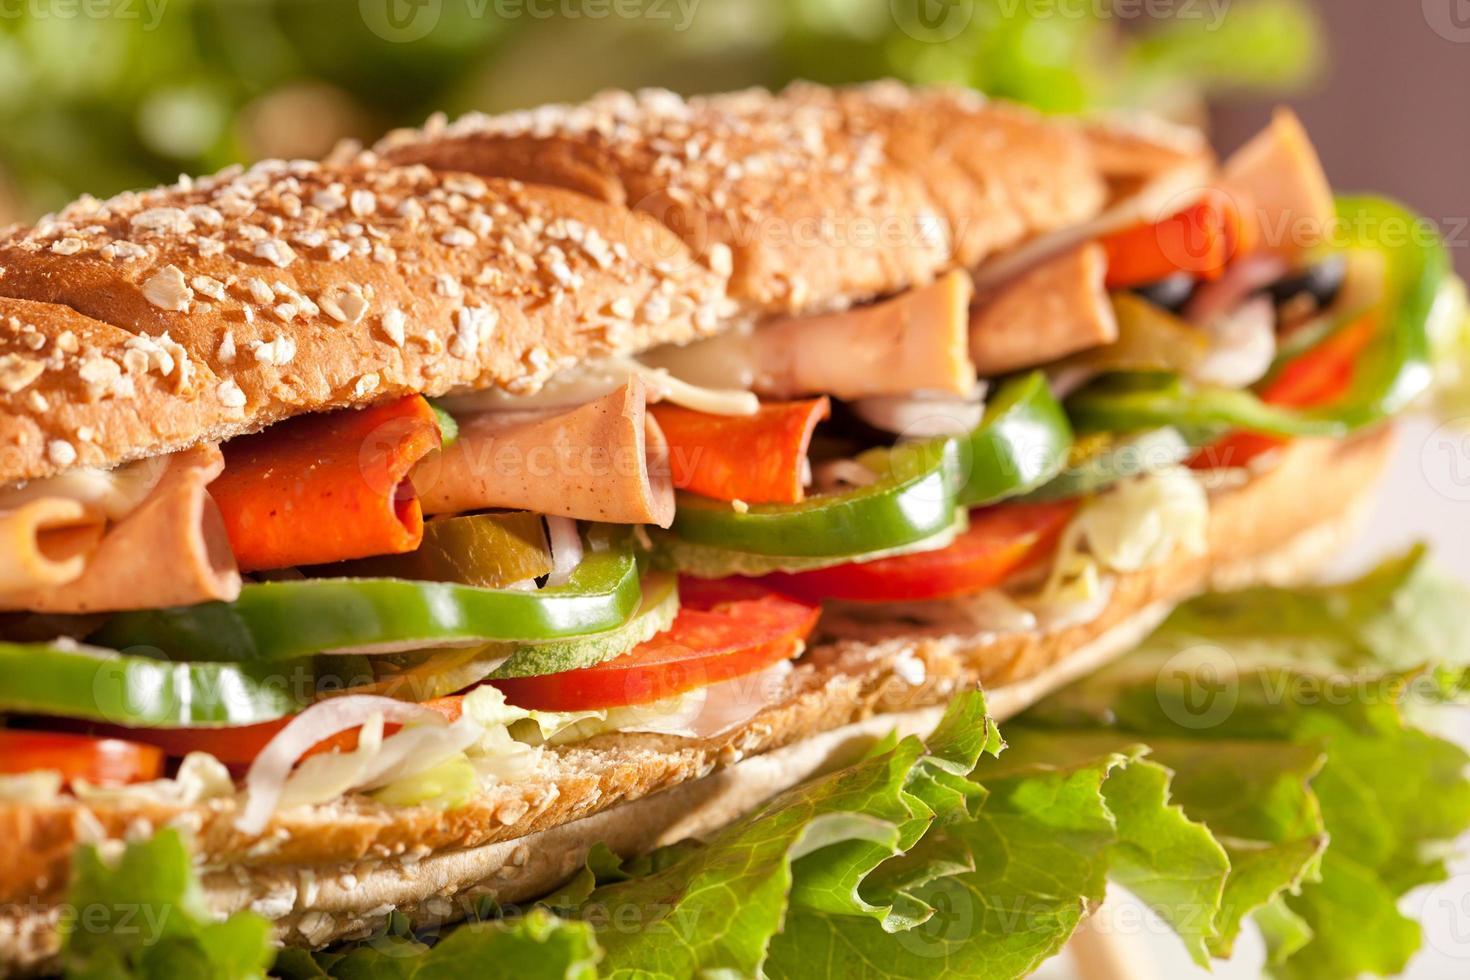 Chicken and Turkey Ham Sandwich with vegetables photo